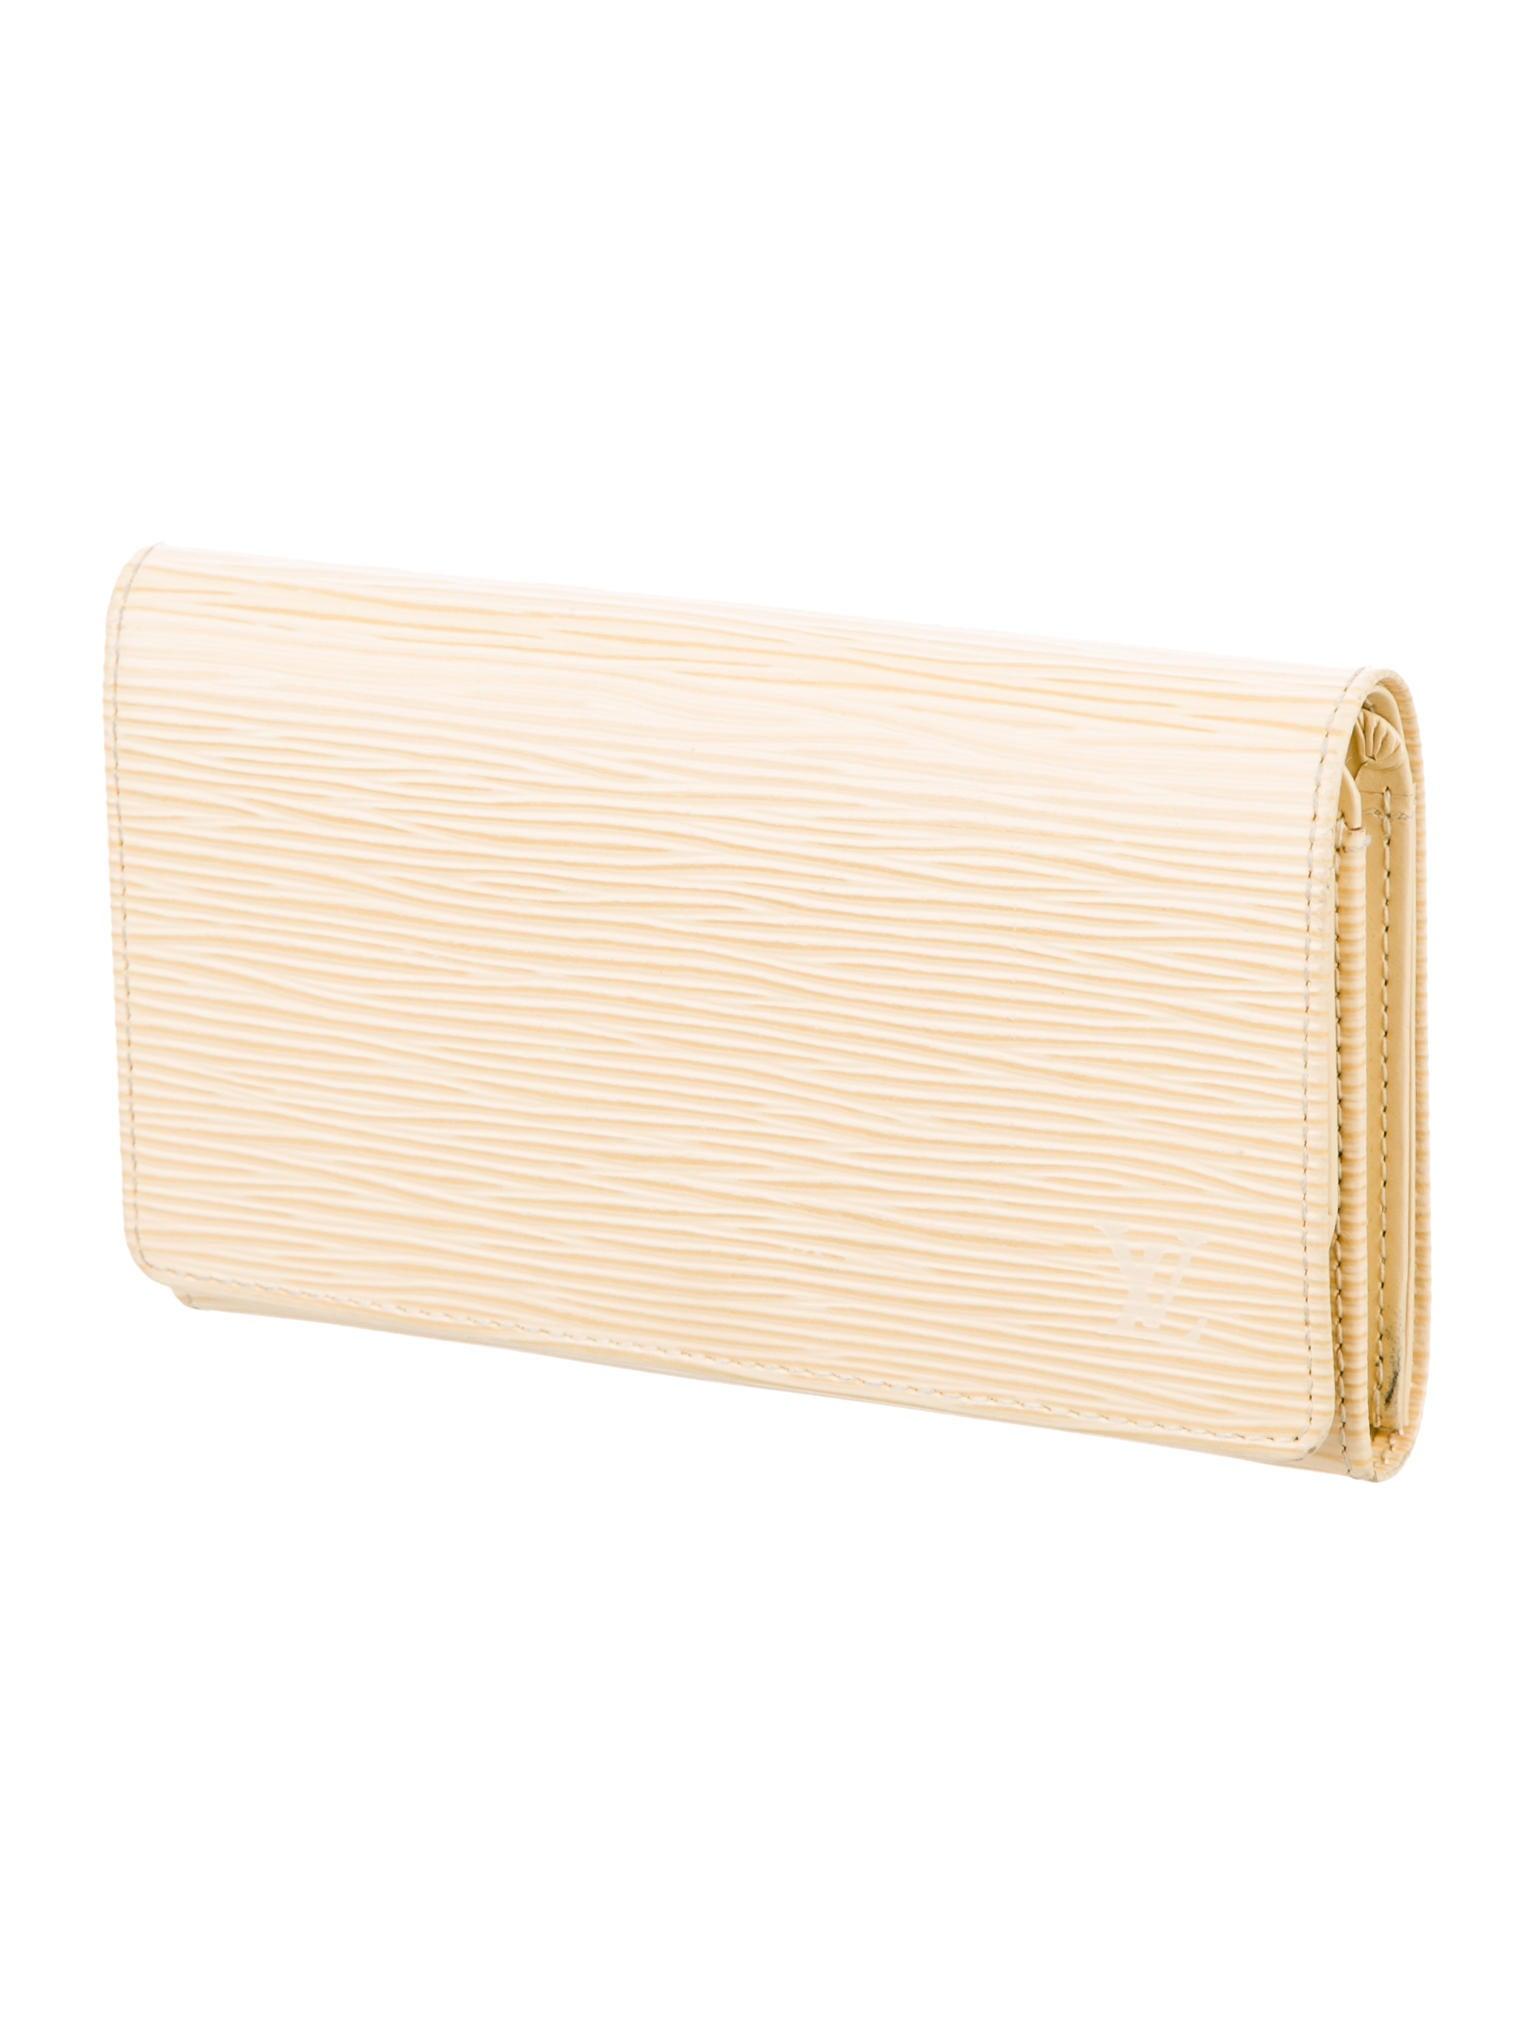 Louis vuitton porte monnaie billets tresor wallet for Porte monnaie wallet